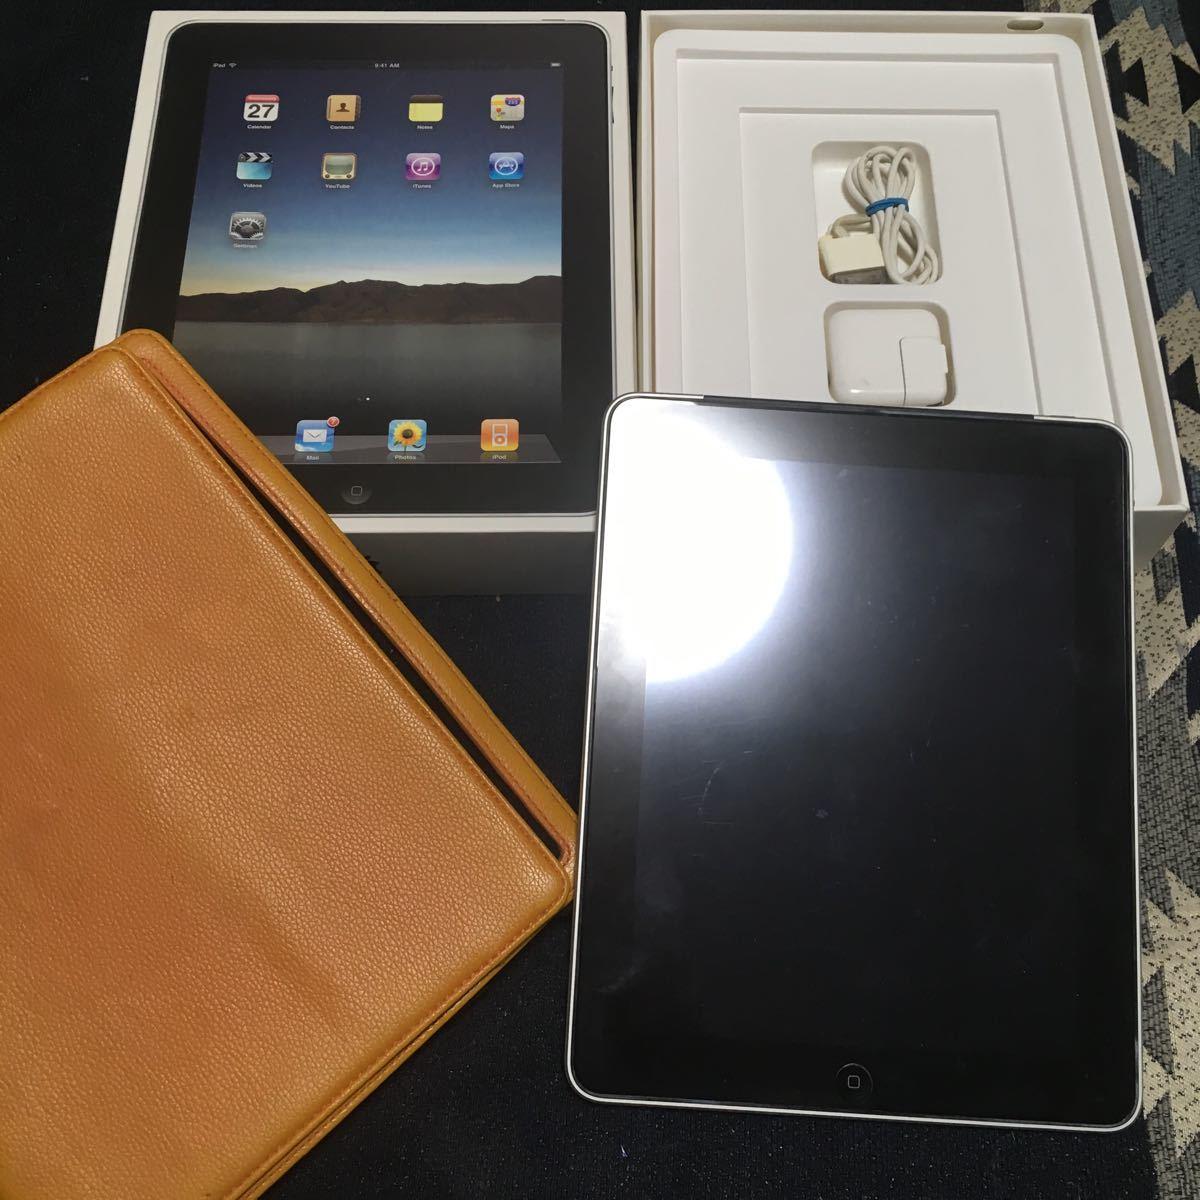 ジャンク品 APPLE 初代iPad Wi-Fi+3G SoftBank 64GB 9.7インチ MC497J/A 中古ケース付き_画像1